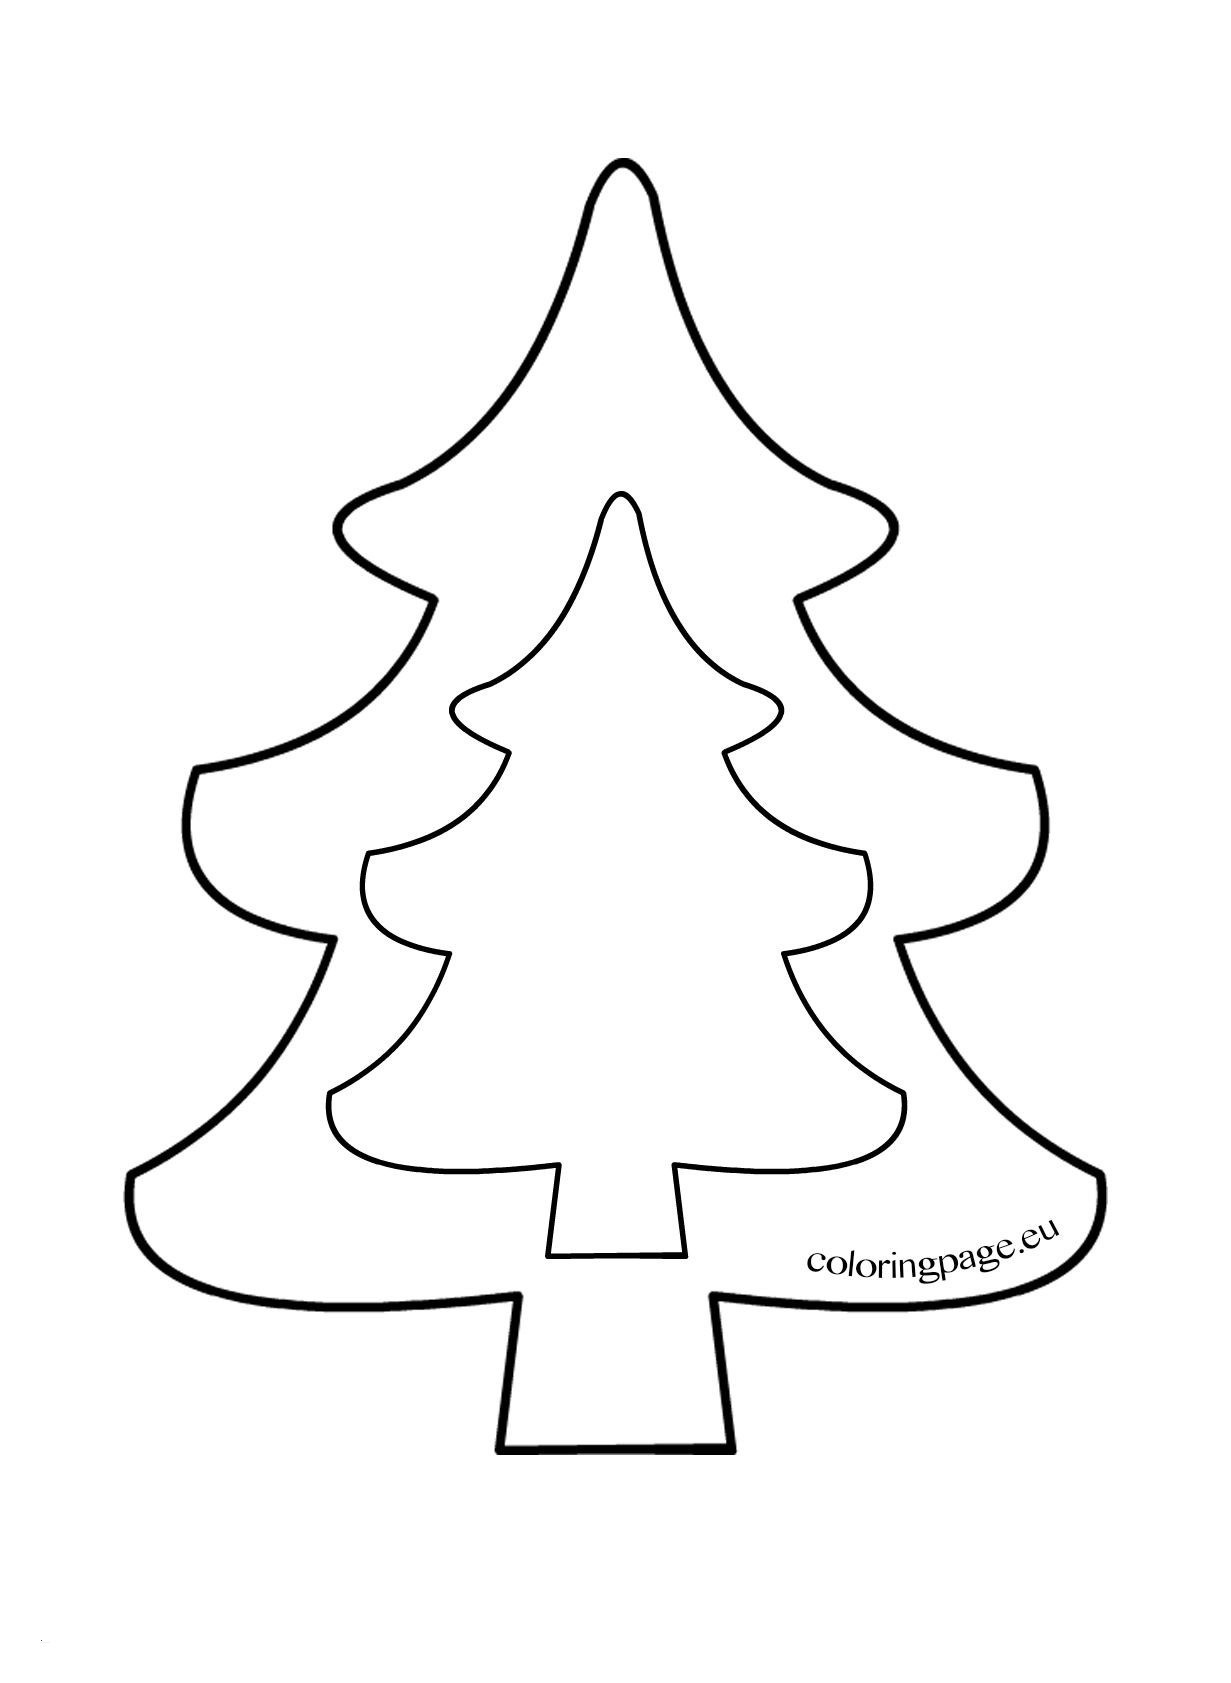 Bilder Weihnachten Kostenlos Zum Ausdrucken Frisch Weihnachts Vorlagen Zum Ausdrucken Window Color Vorlagen Genial Bild